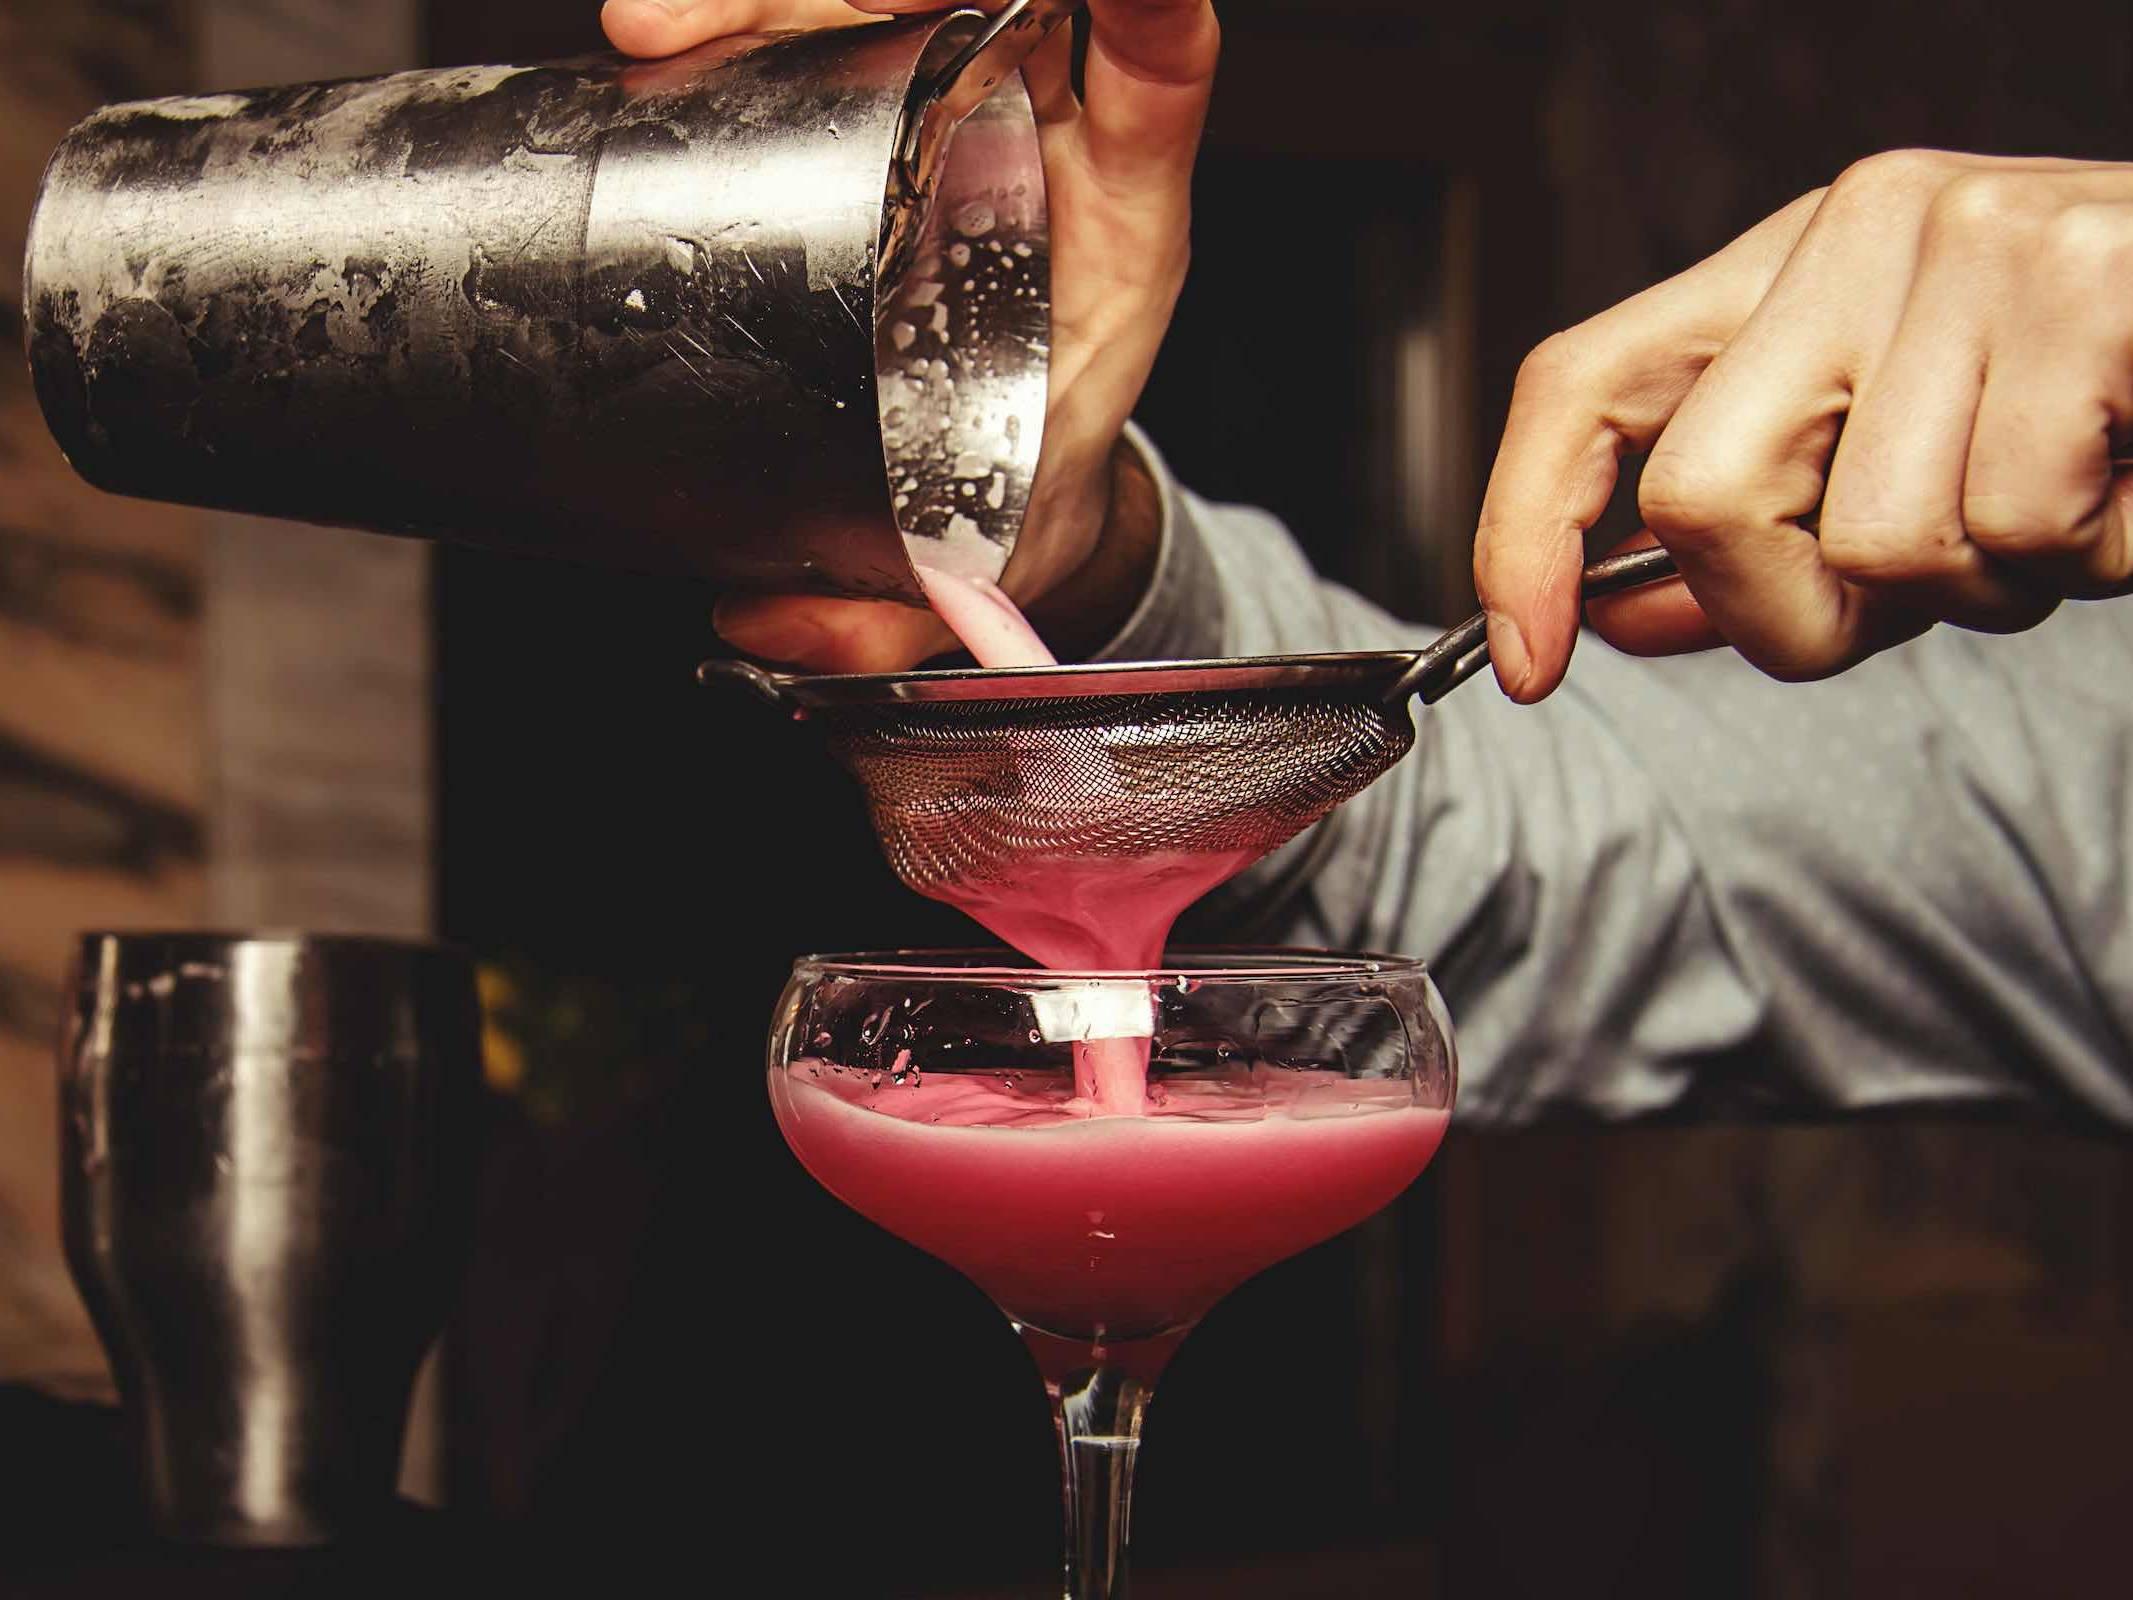 Mobile | Cocktailbar | Hamburg | Hochzeit | Sektempfang | Barkeeper | Mieten | Geburtstag | VW | Bar | Ape | Getränke | Catering | Weinbar | Ginbar | Sektbar | Kaffeebar | Cocktails | Hamburgfeiert